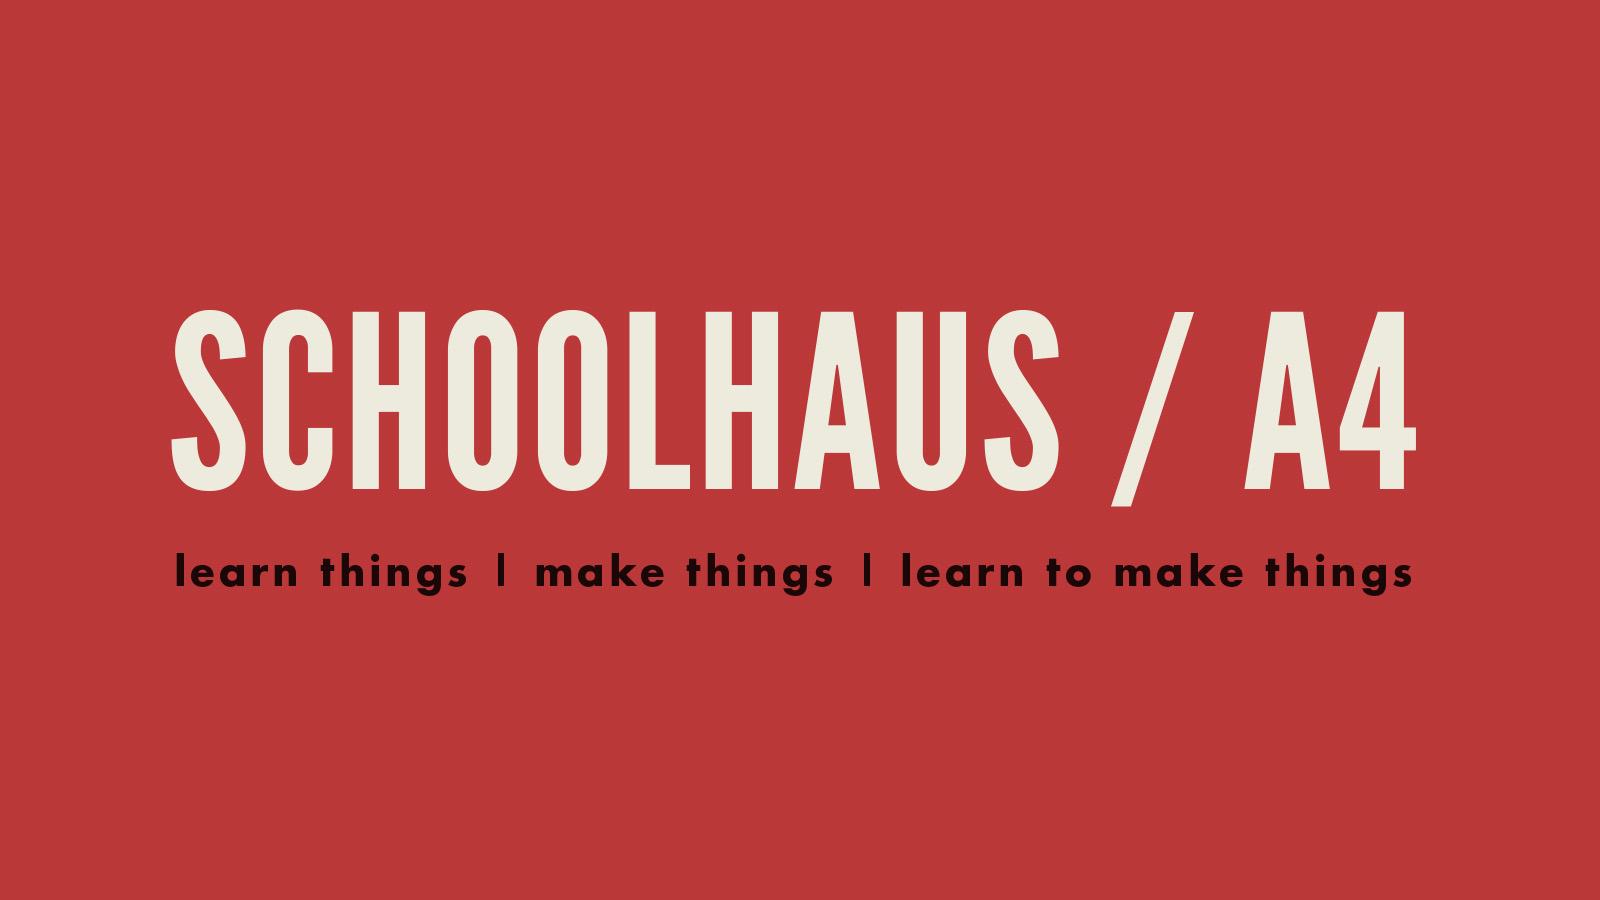 Schoolhaus-1.jpg